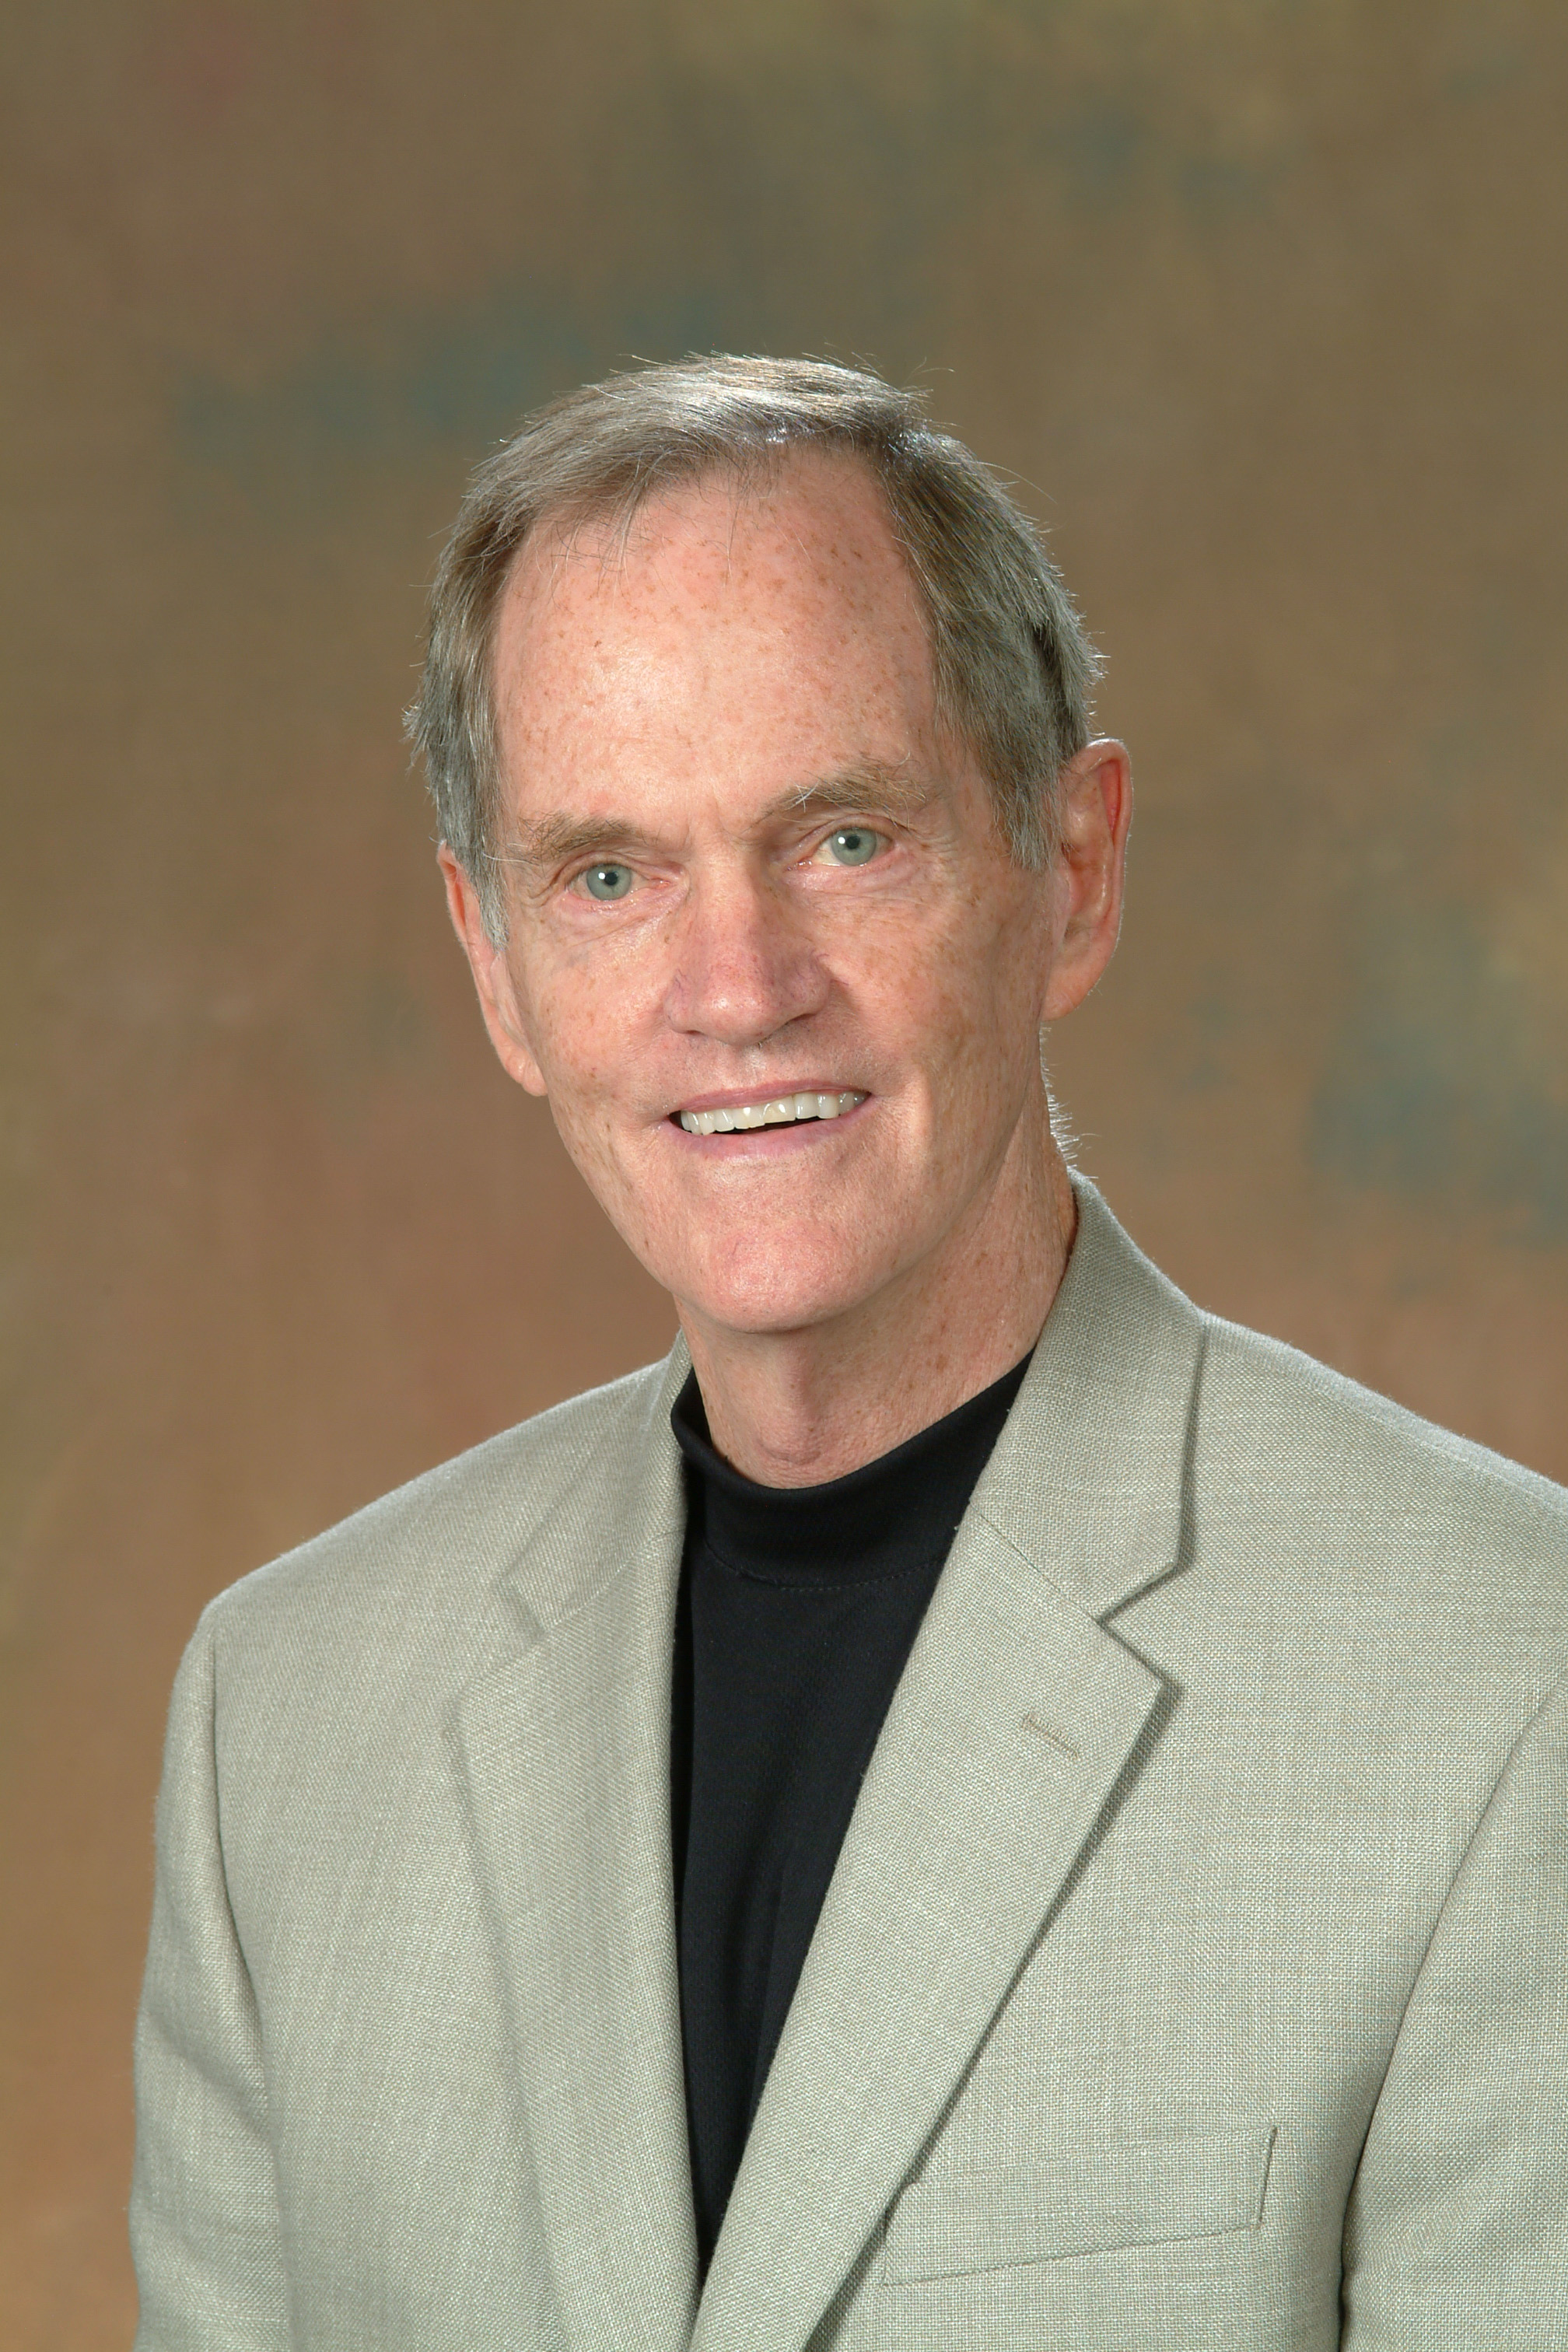 Dr. John McCracken